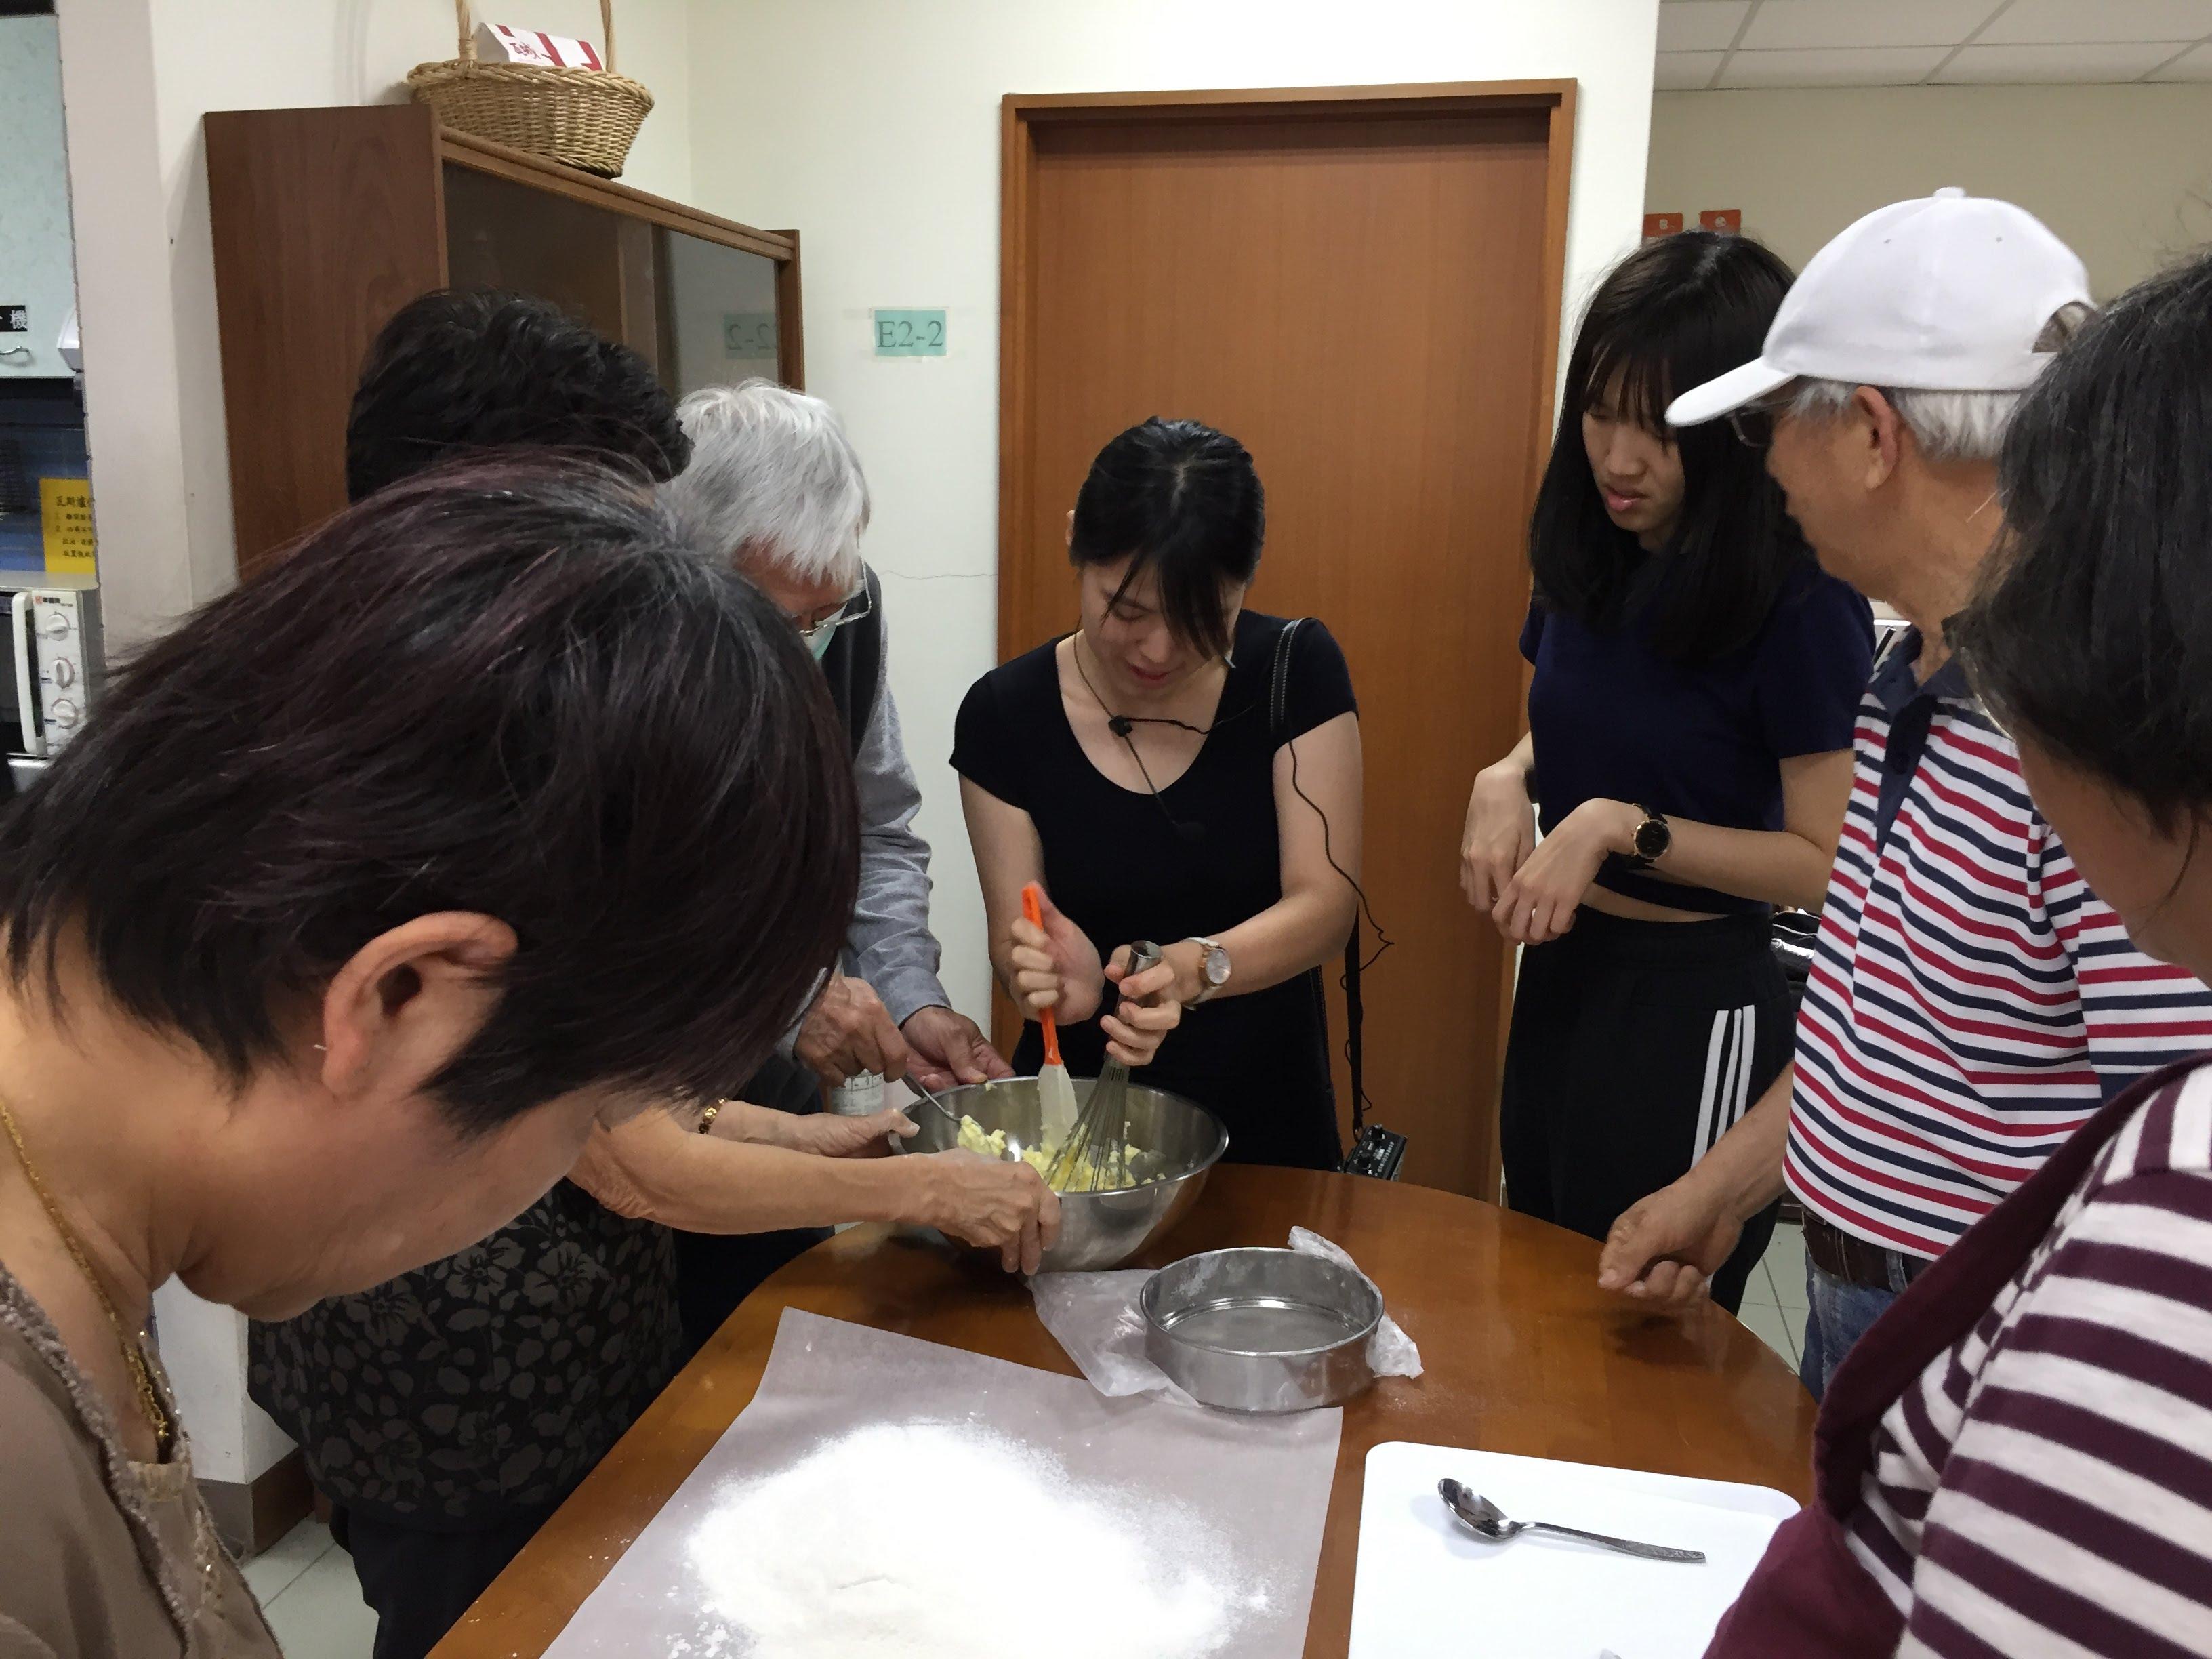 甜點老師透過示範與講述,讓學員學習麵糰攪拌的技巧